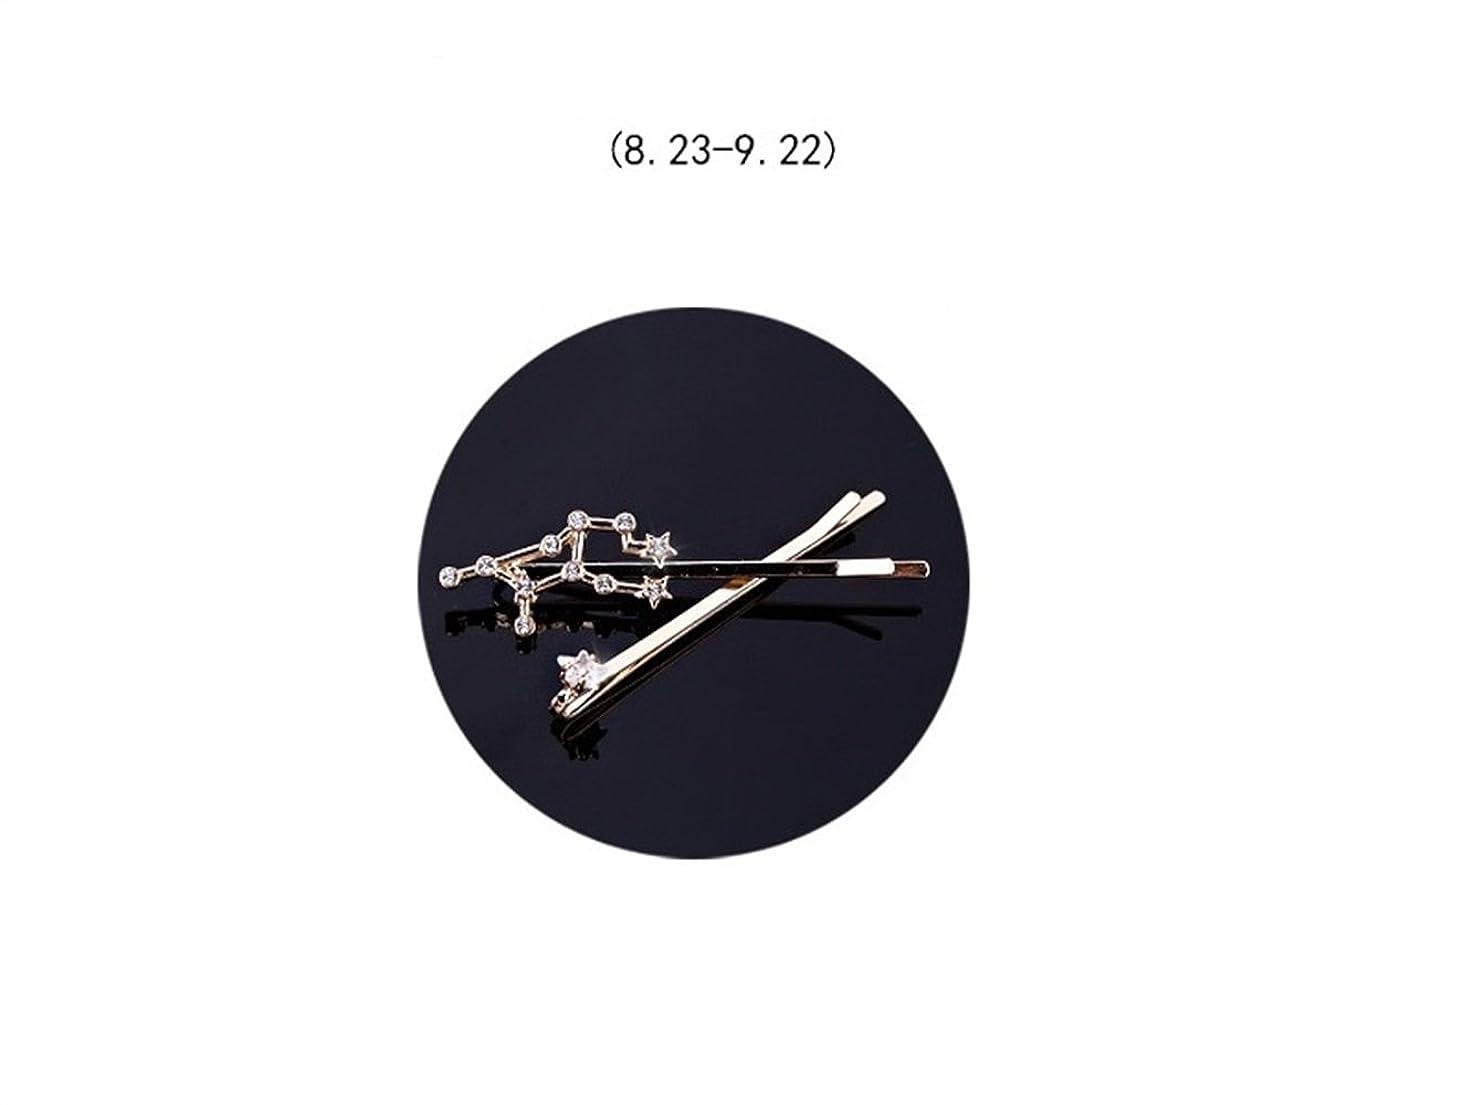 接続アクセスアルコーブOsize 美しいスタイル 12コンステレーションダイヤモンドジュエリーサイドクリップヘアピンヘアクリップセット(乙女座)